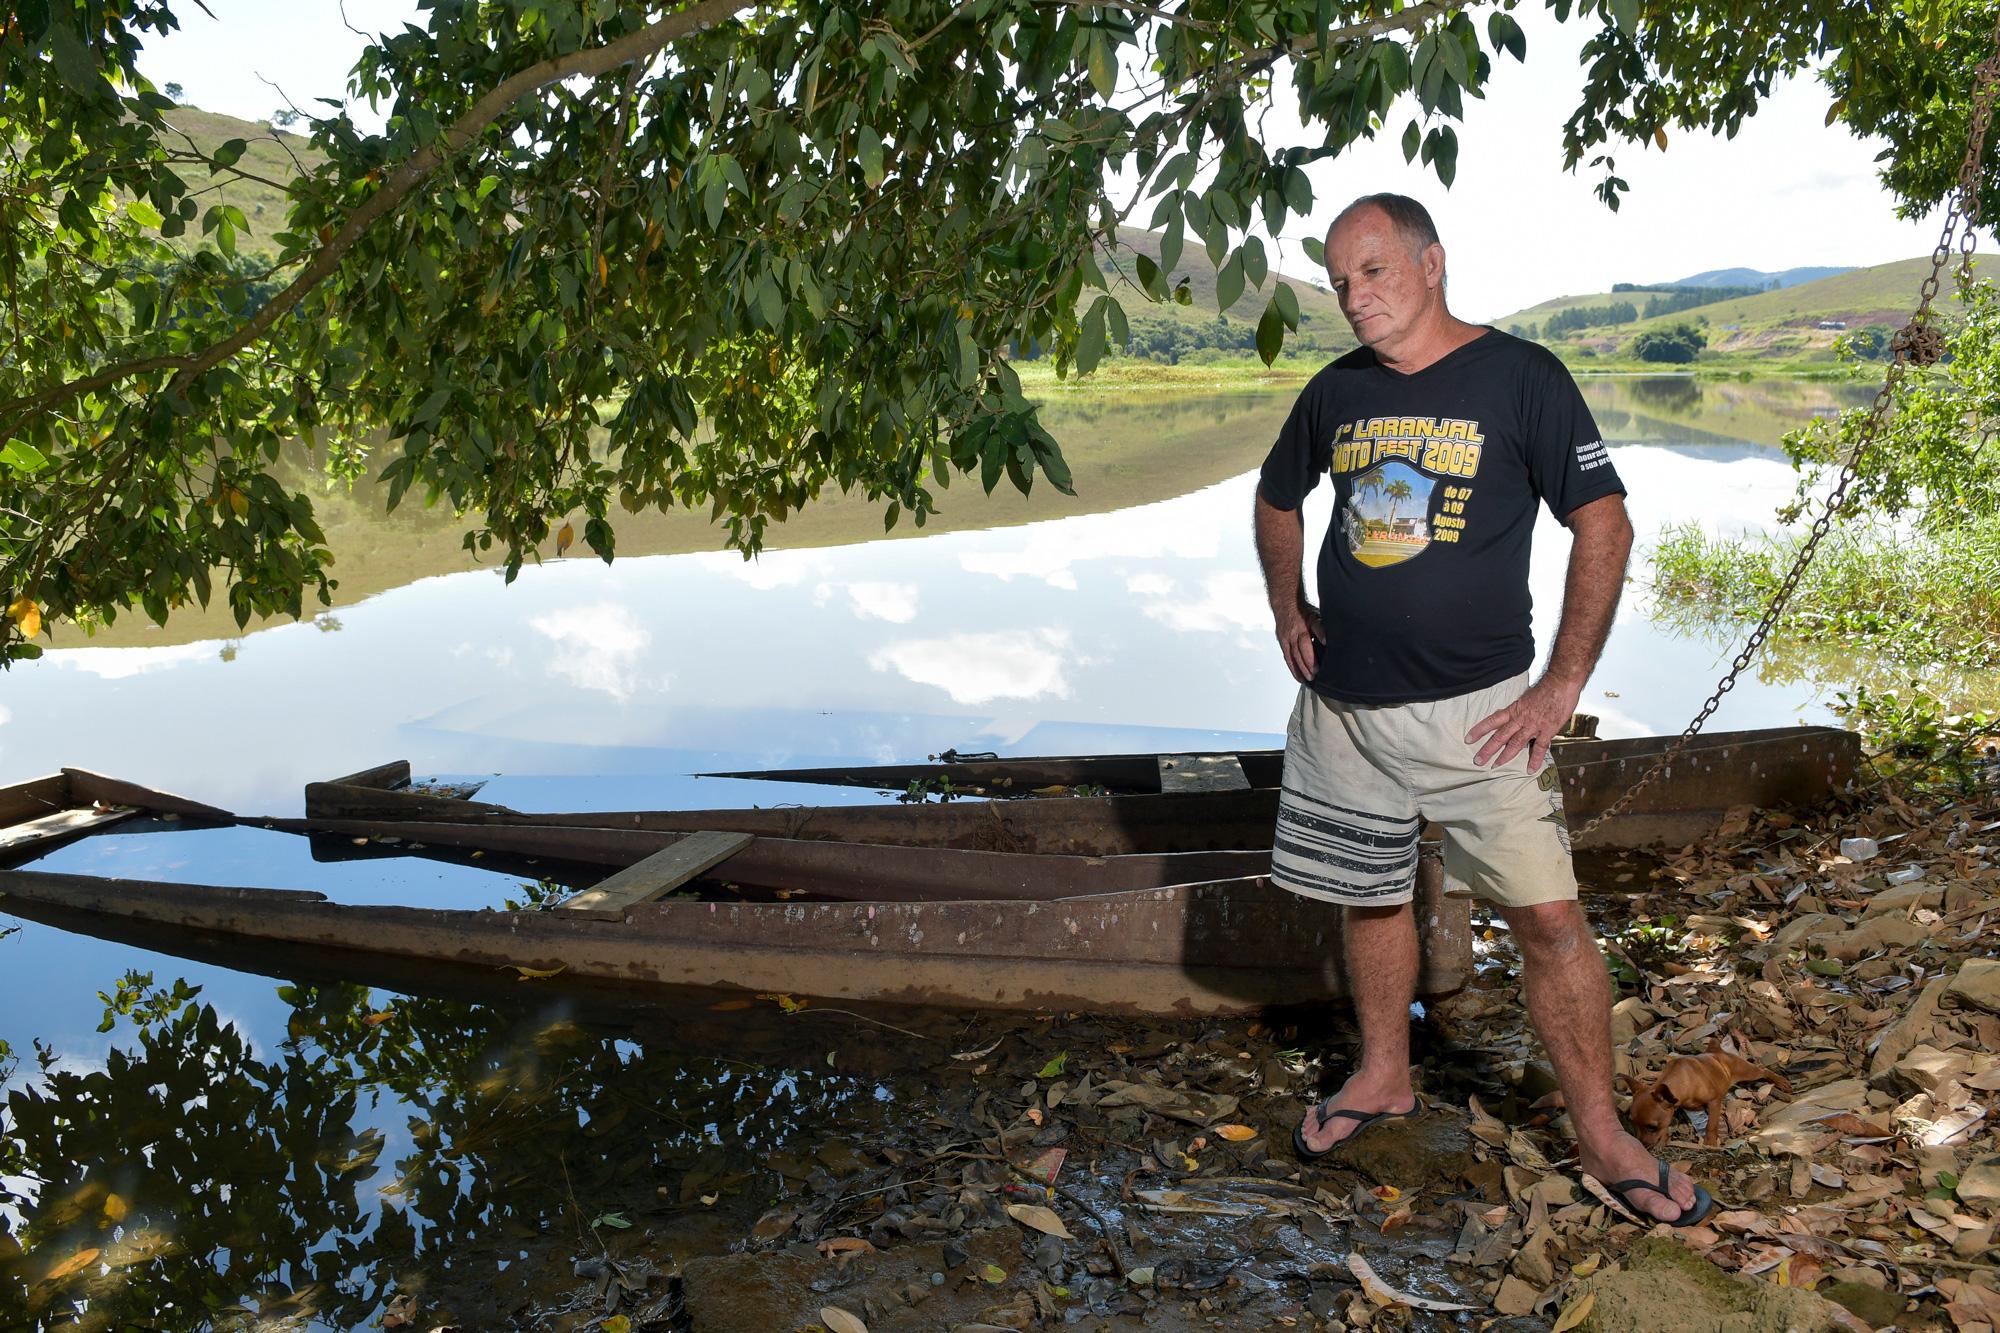 11/05/2021 - BRASIL / LARANJAL - José Mauro, ex pescador, com os barcos parados no lago formado no rio Sao Joao, afluente do Rio Pomba, em Laranjal-MG © Washington Alves/Light Press